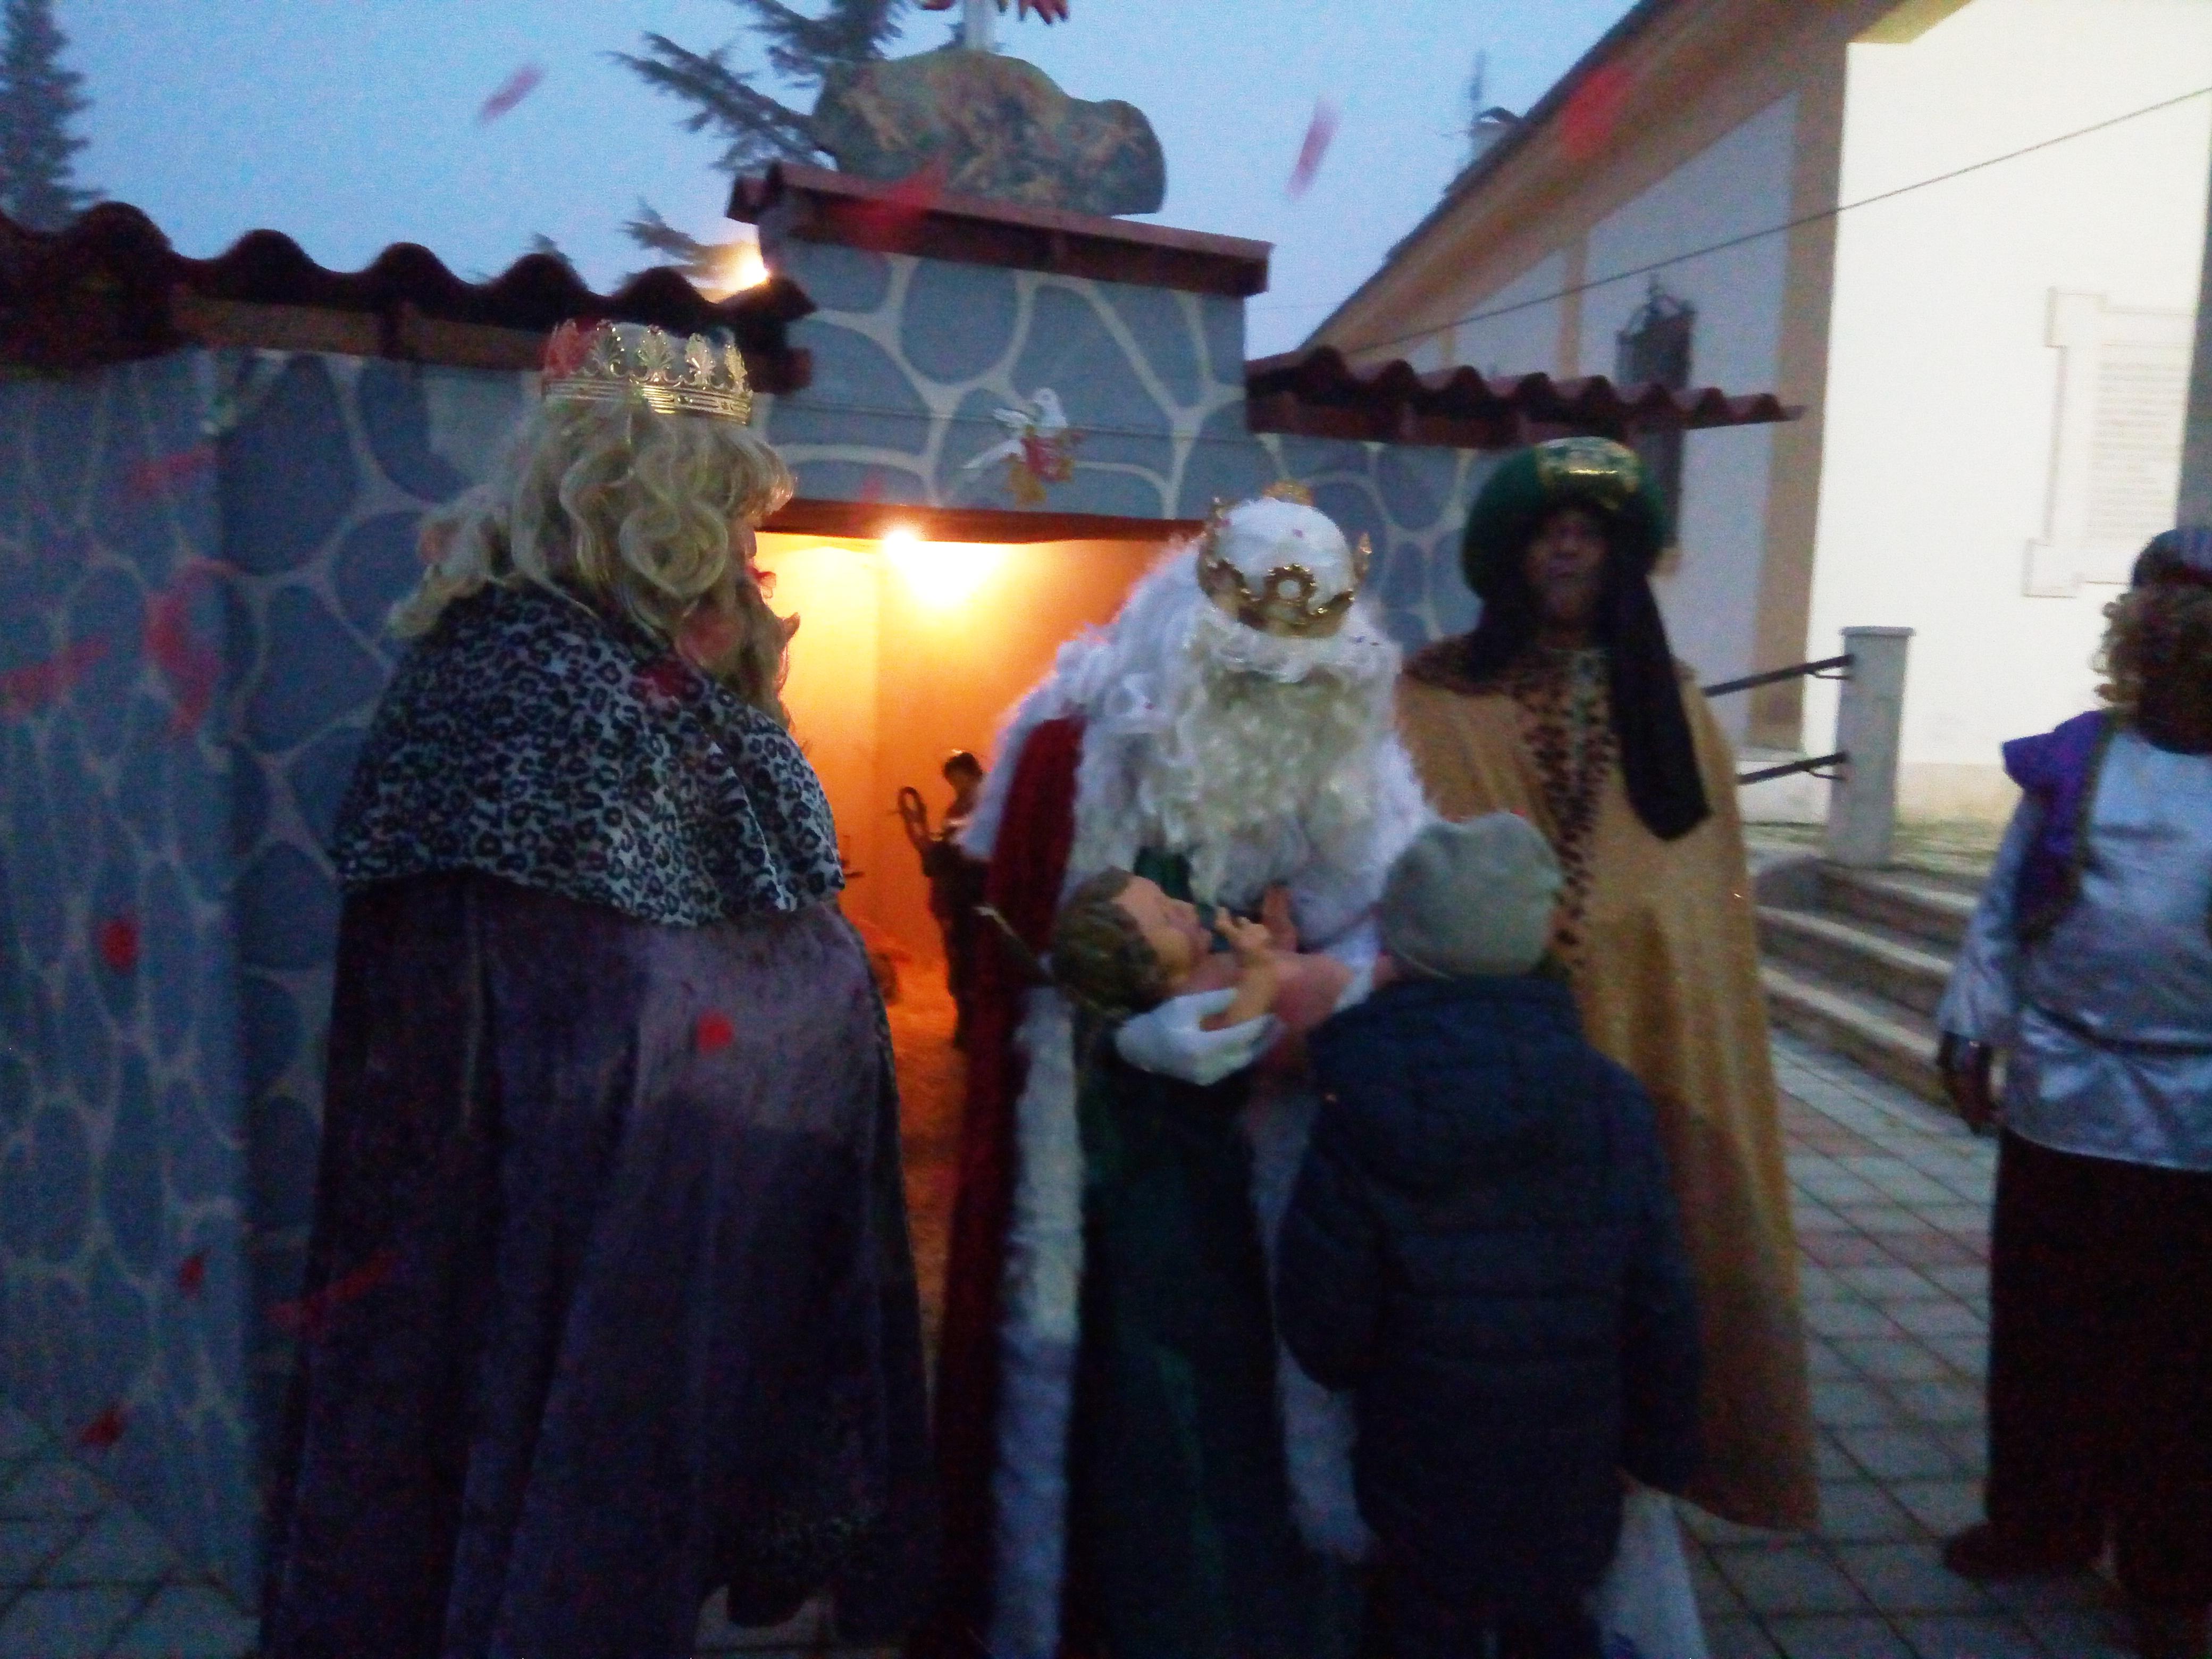 cabalgata-reyes-magos-2017-70